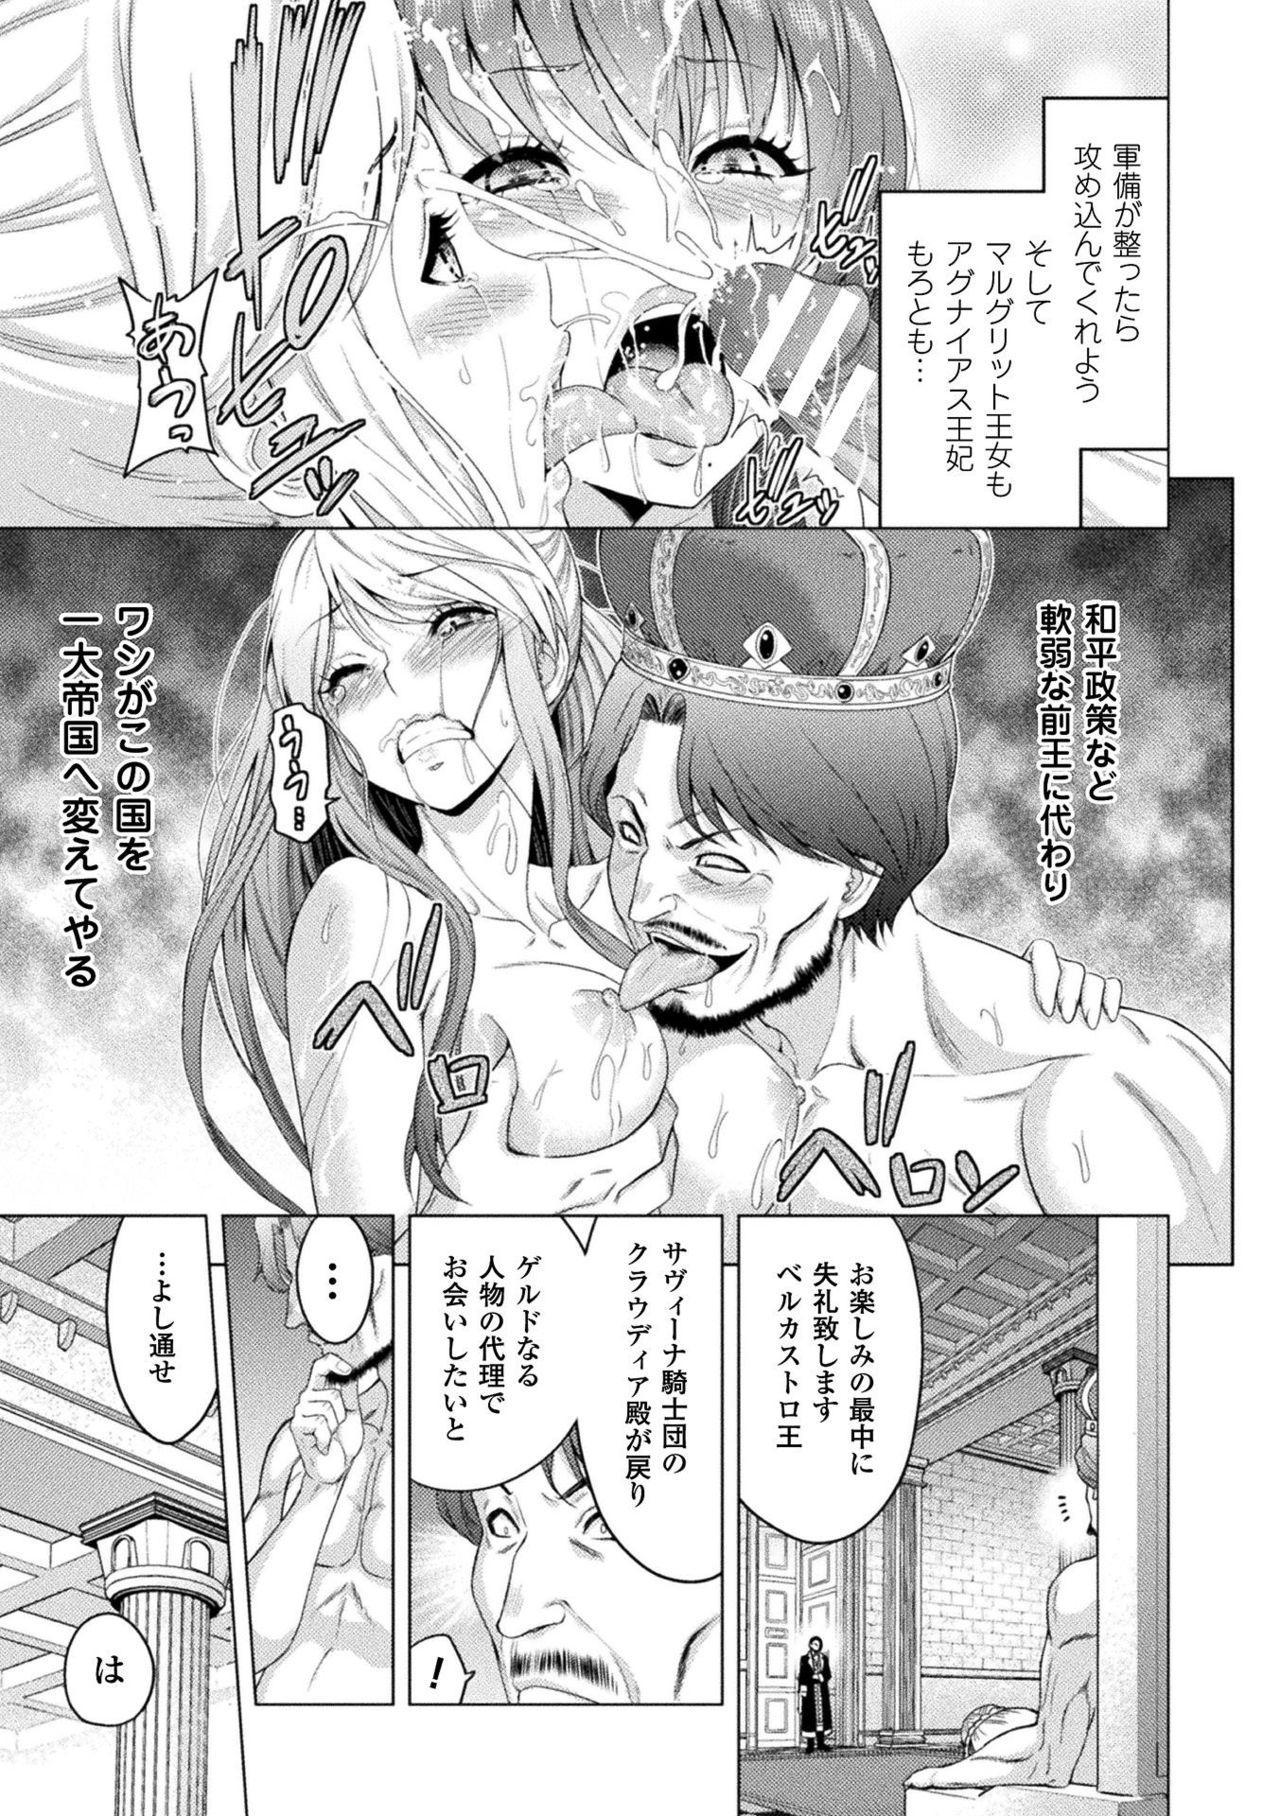 ERONA Orc no Inmon ni Okasareta Onna Kishi no Matsuro 78